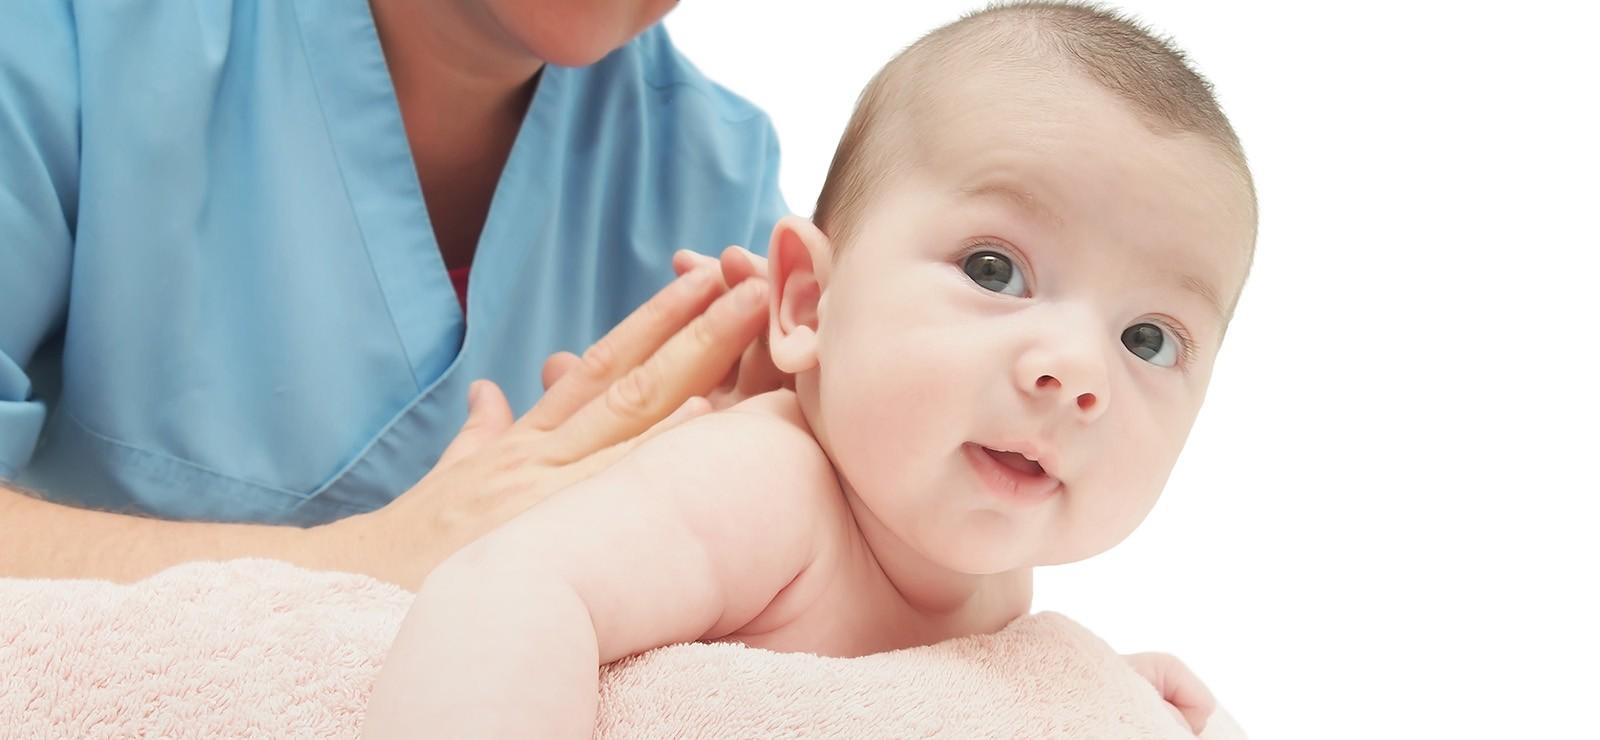 Возможно ли полное излечение последствий родовой травмы?